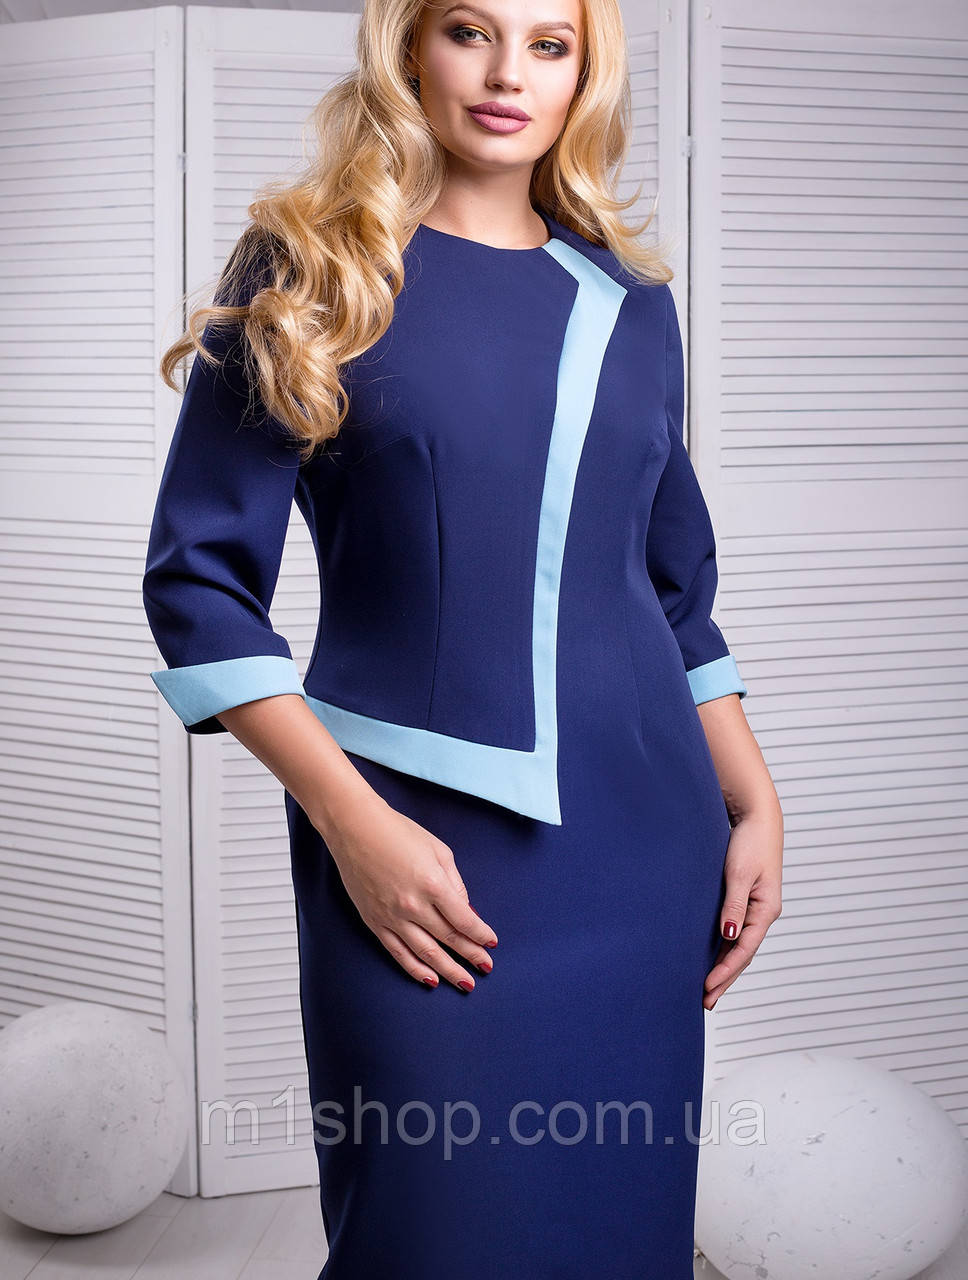 Женское элегантное платье для полных (Корнелия lzn)